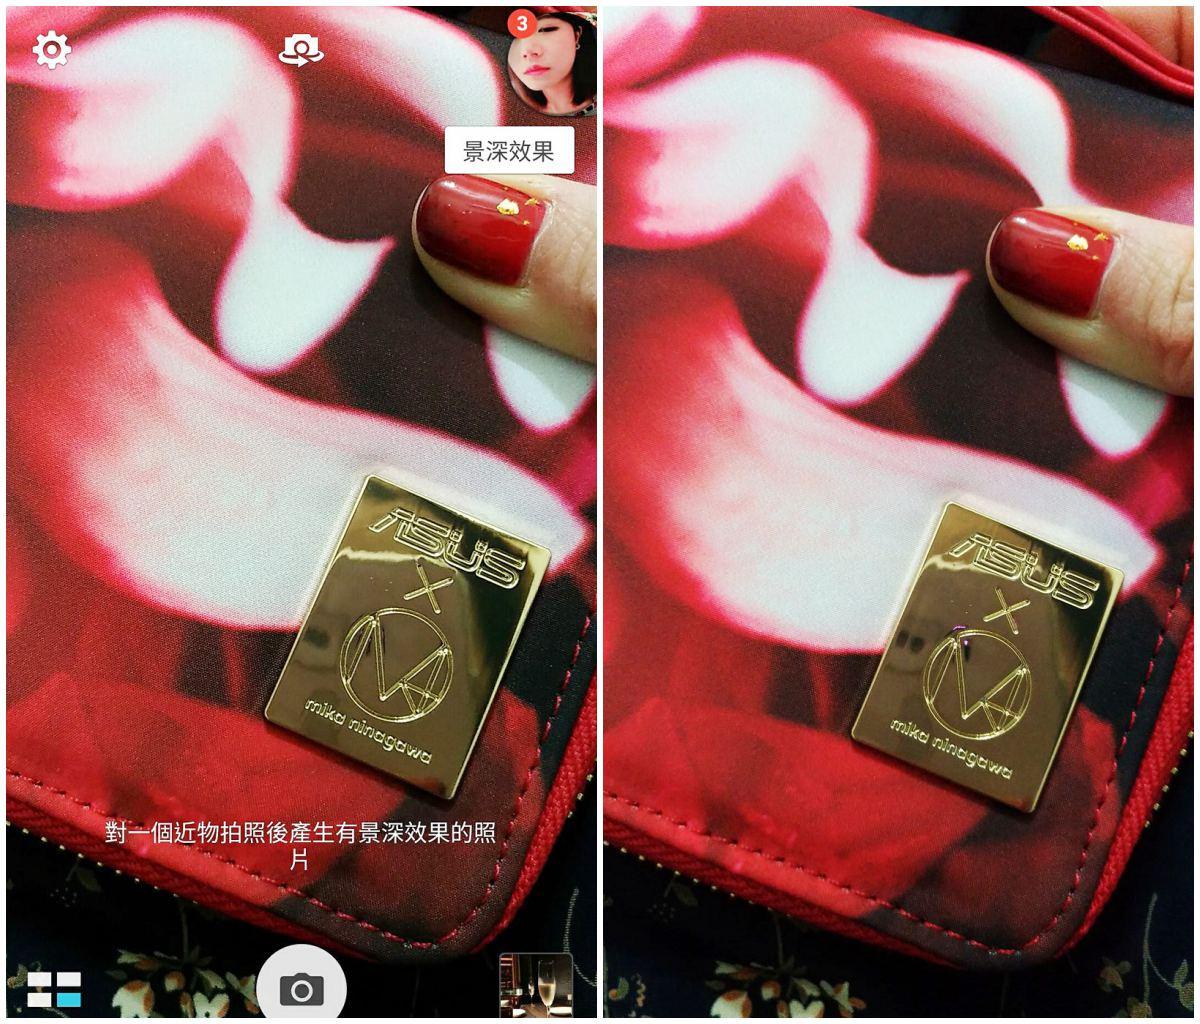 拍照功能好的手機推薦|ASUS ZenFone 3 5.5吋手機(ZE520KL 月光白) 是超美手機,更是高畫質自拍美肌相機!